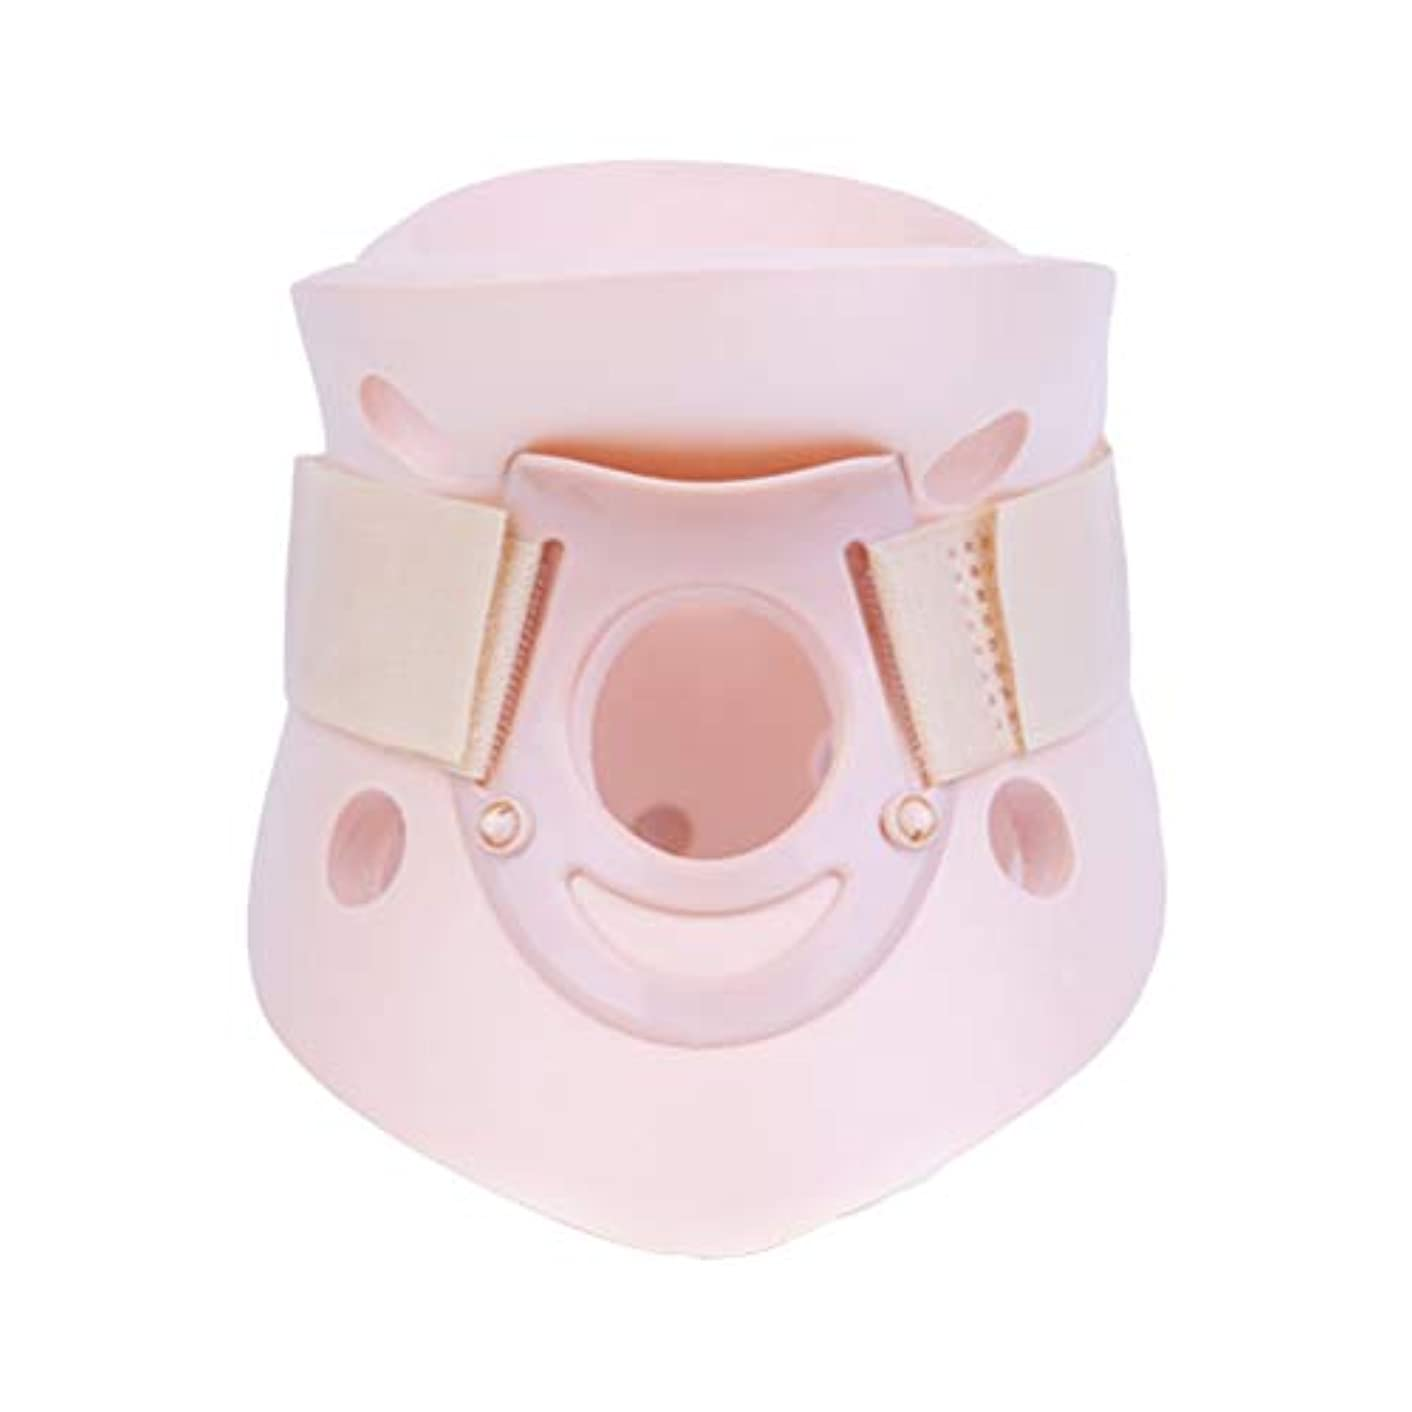 抑制怒って骨髄Healifty 頸部頸部牽引装置ホームケア頸部牽引装置サイズm